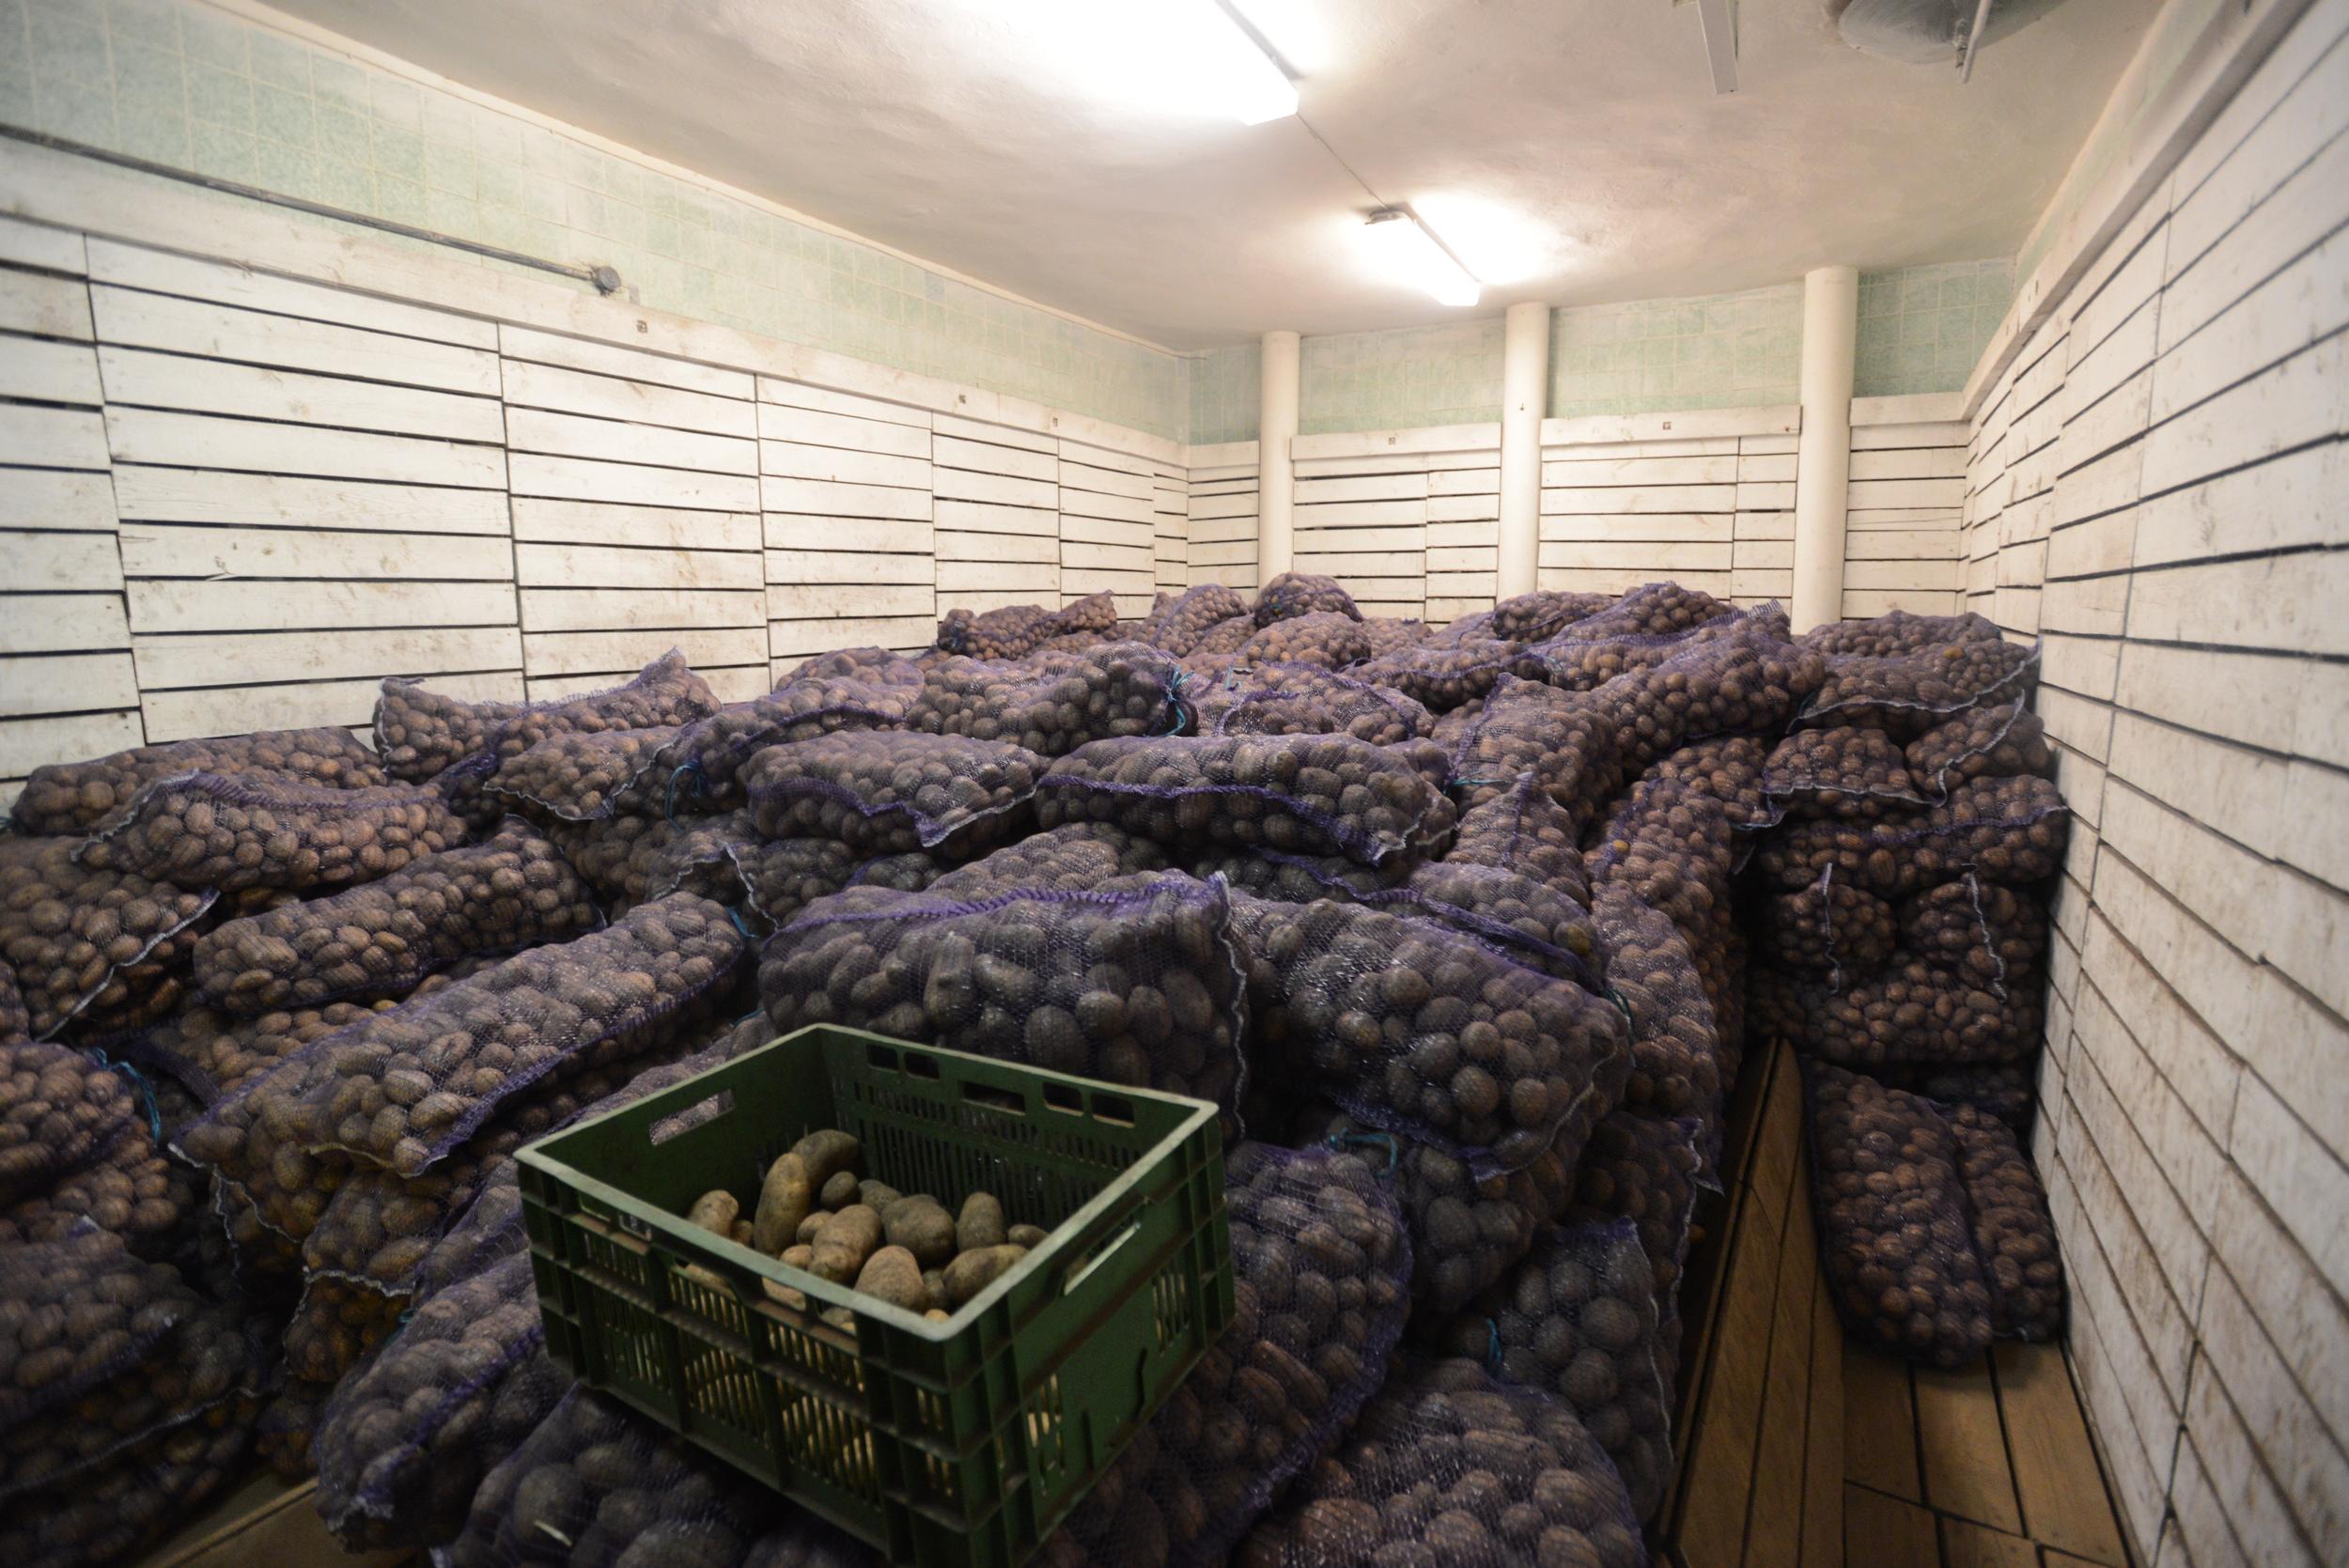 センターで収穫されたポテト。ベラルーシはポテトが主食。必ず毎食ポテトは使われていた。